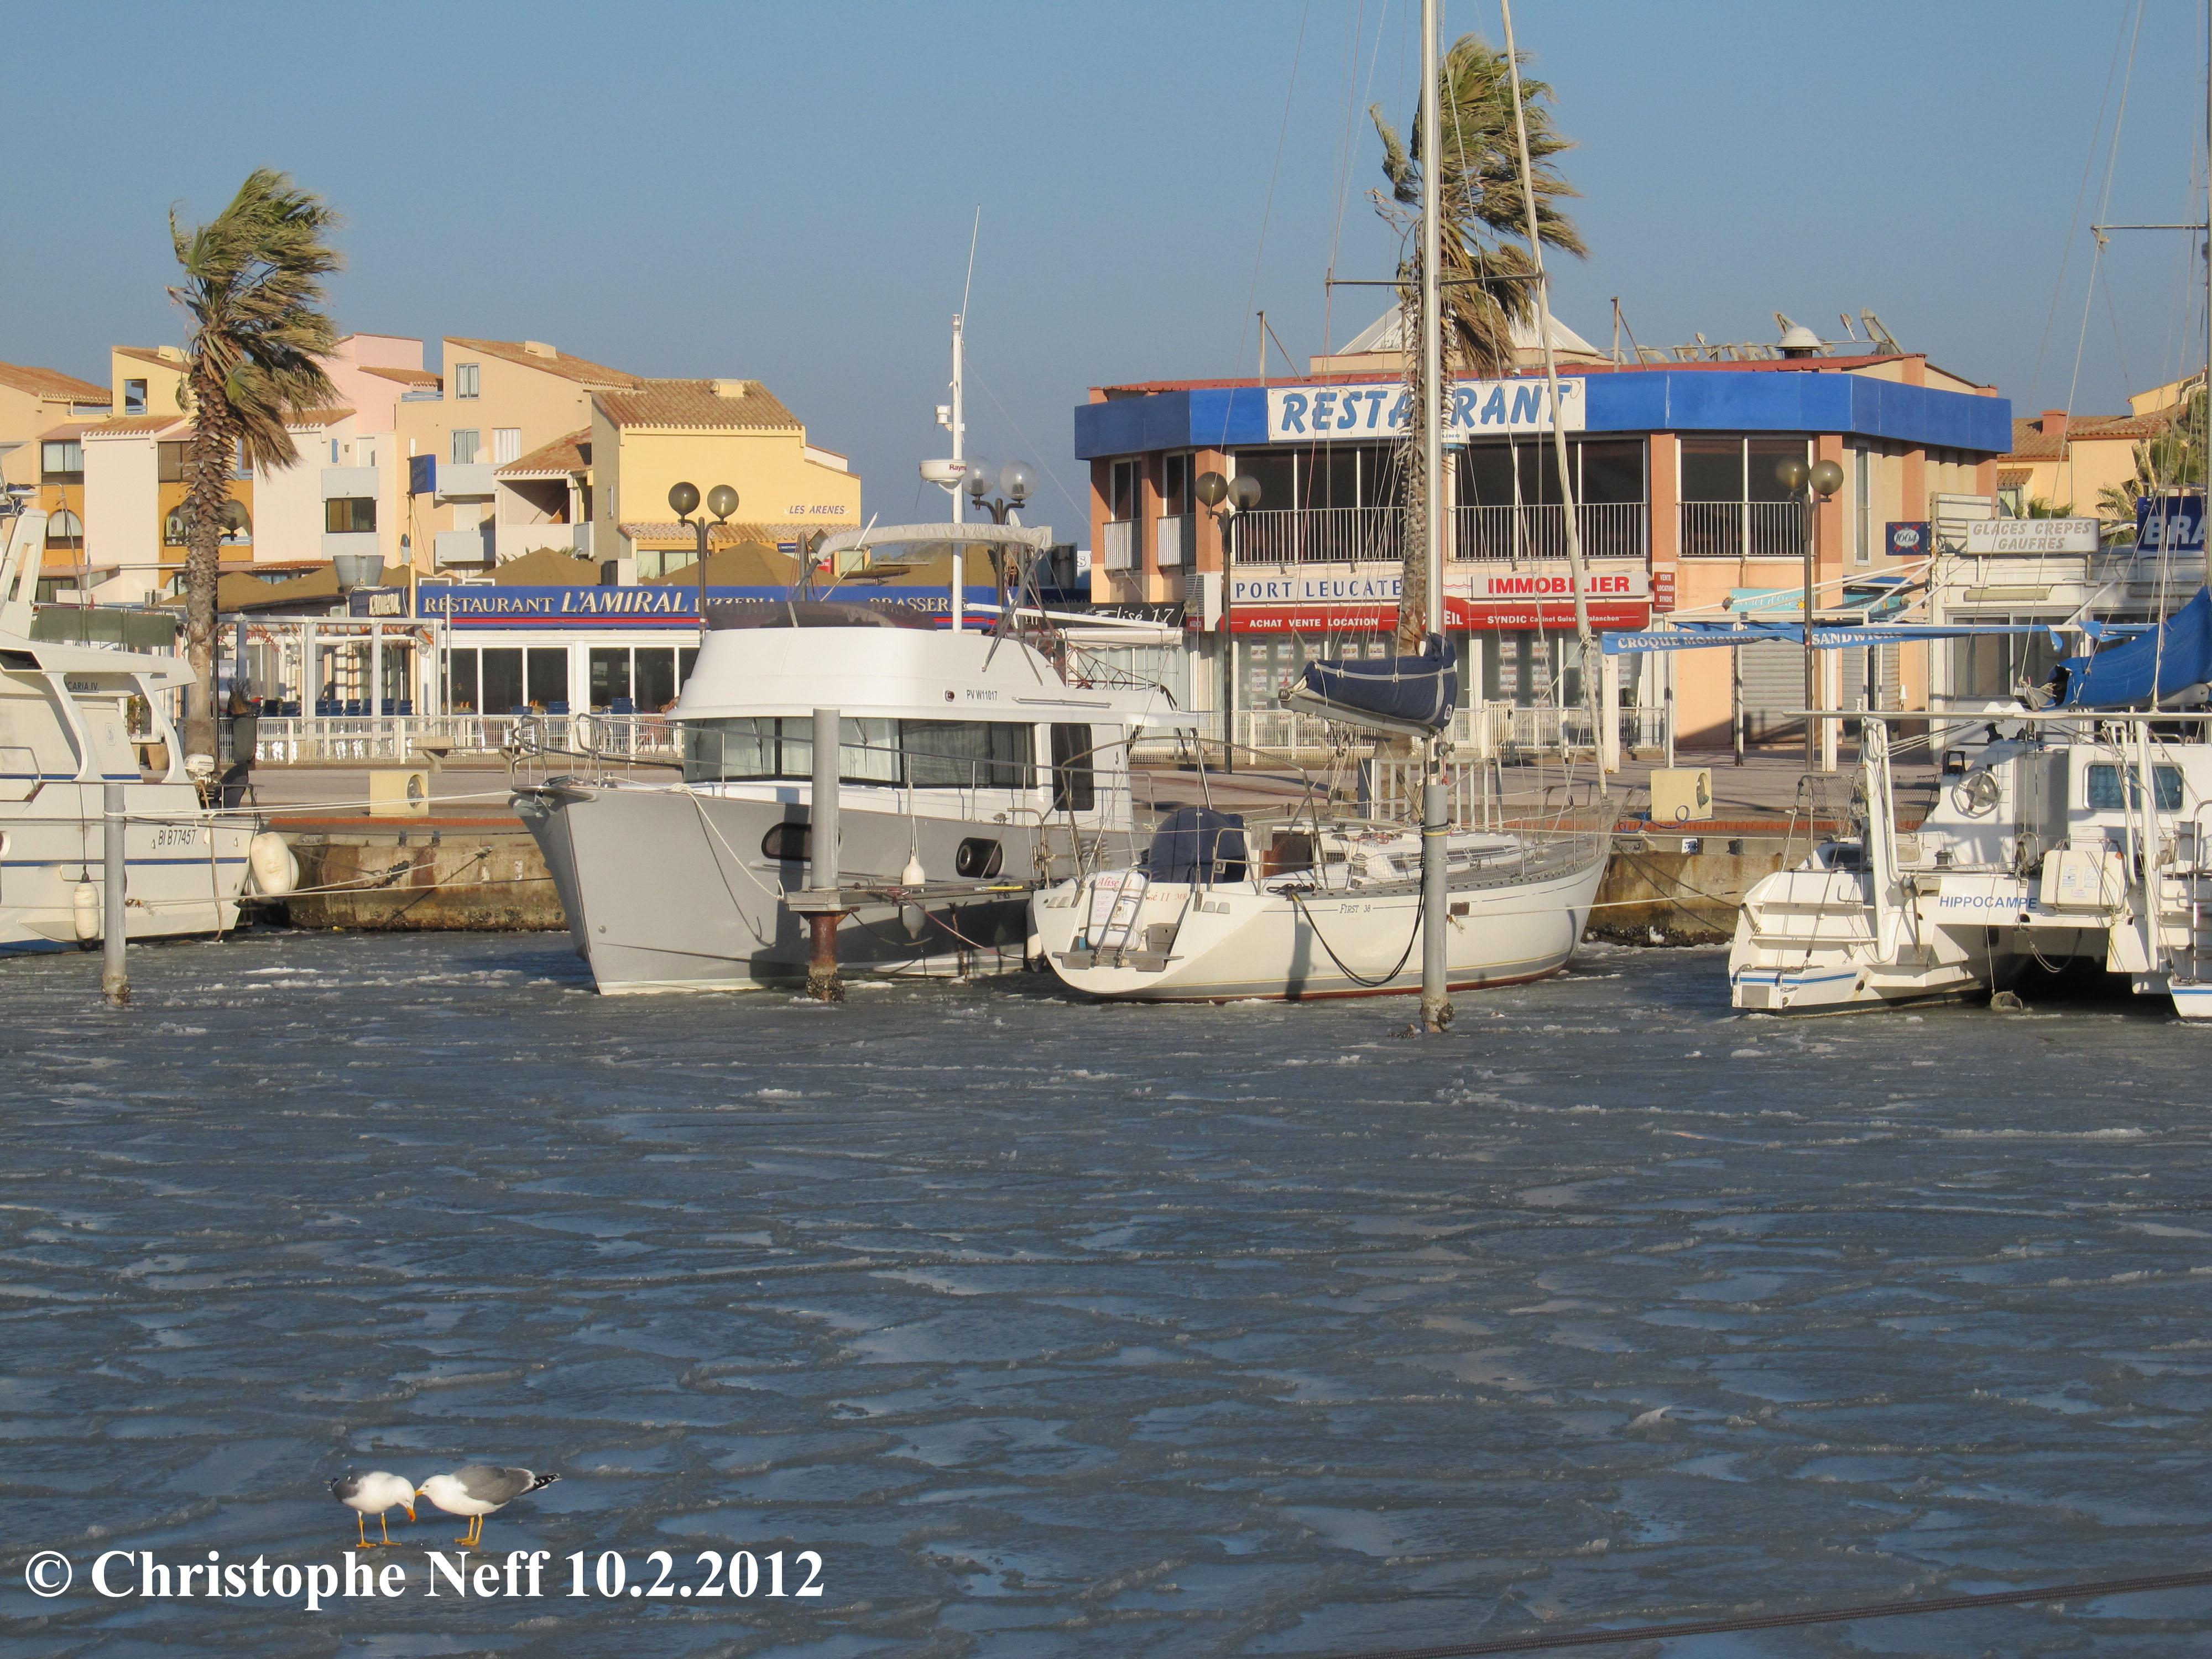 La banquise au Port de Port Leucate 2 10.2.2012